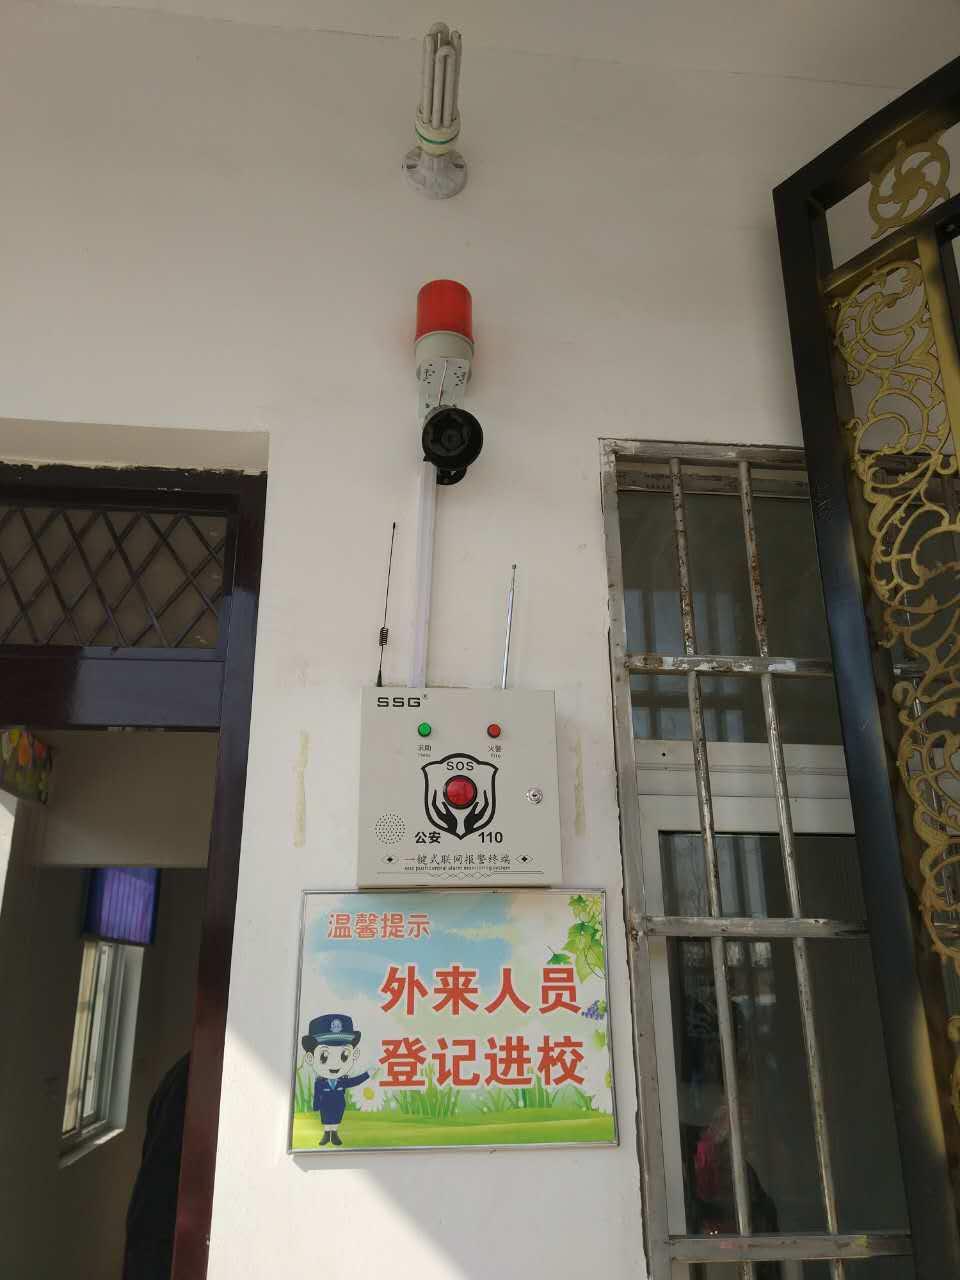 学校一键报警设备、校园安防紧急报警器、安防校园报警